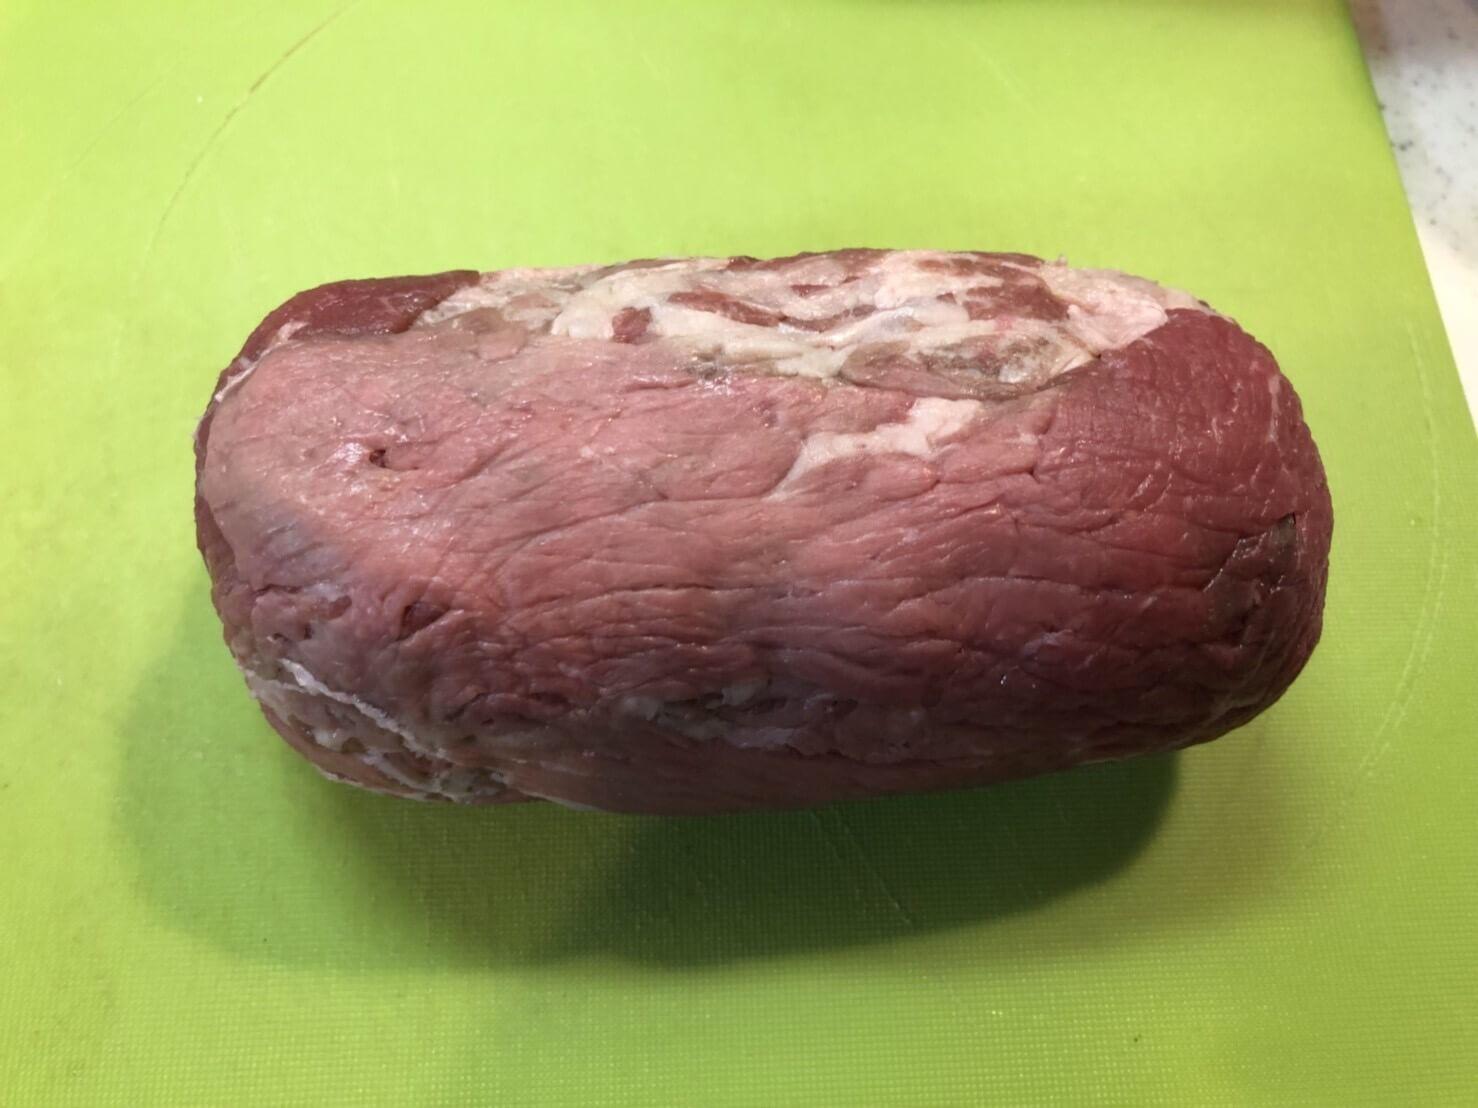 ロールステーキを作る。激安肉で厚切りステーキ気分を味わえるのか